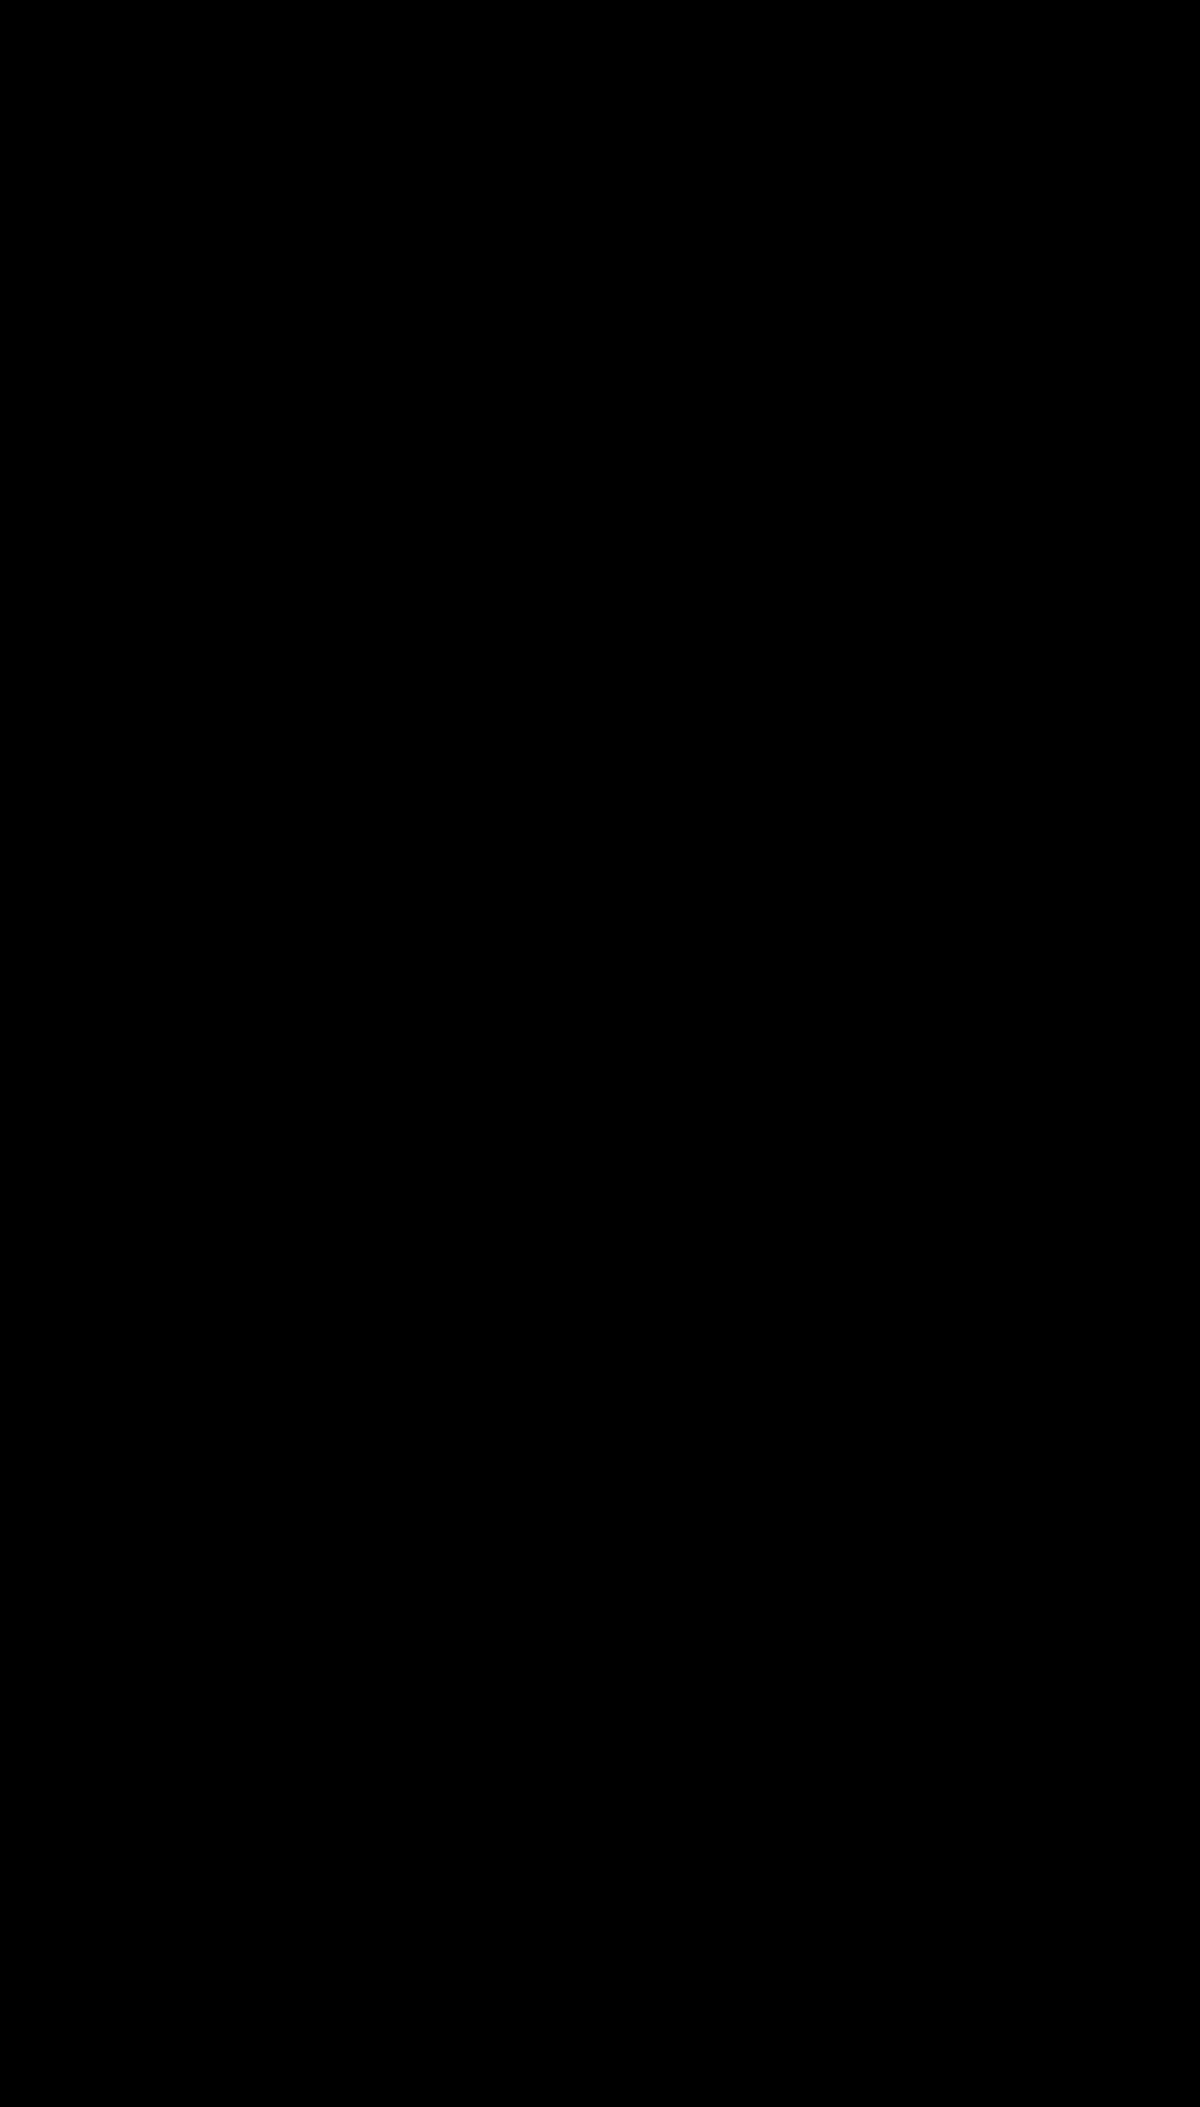 a pénisz szimbólumok)